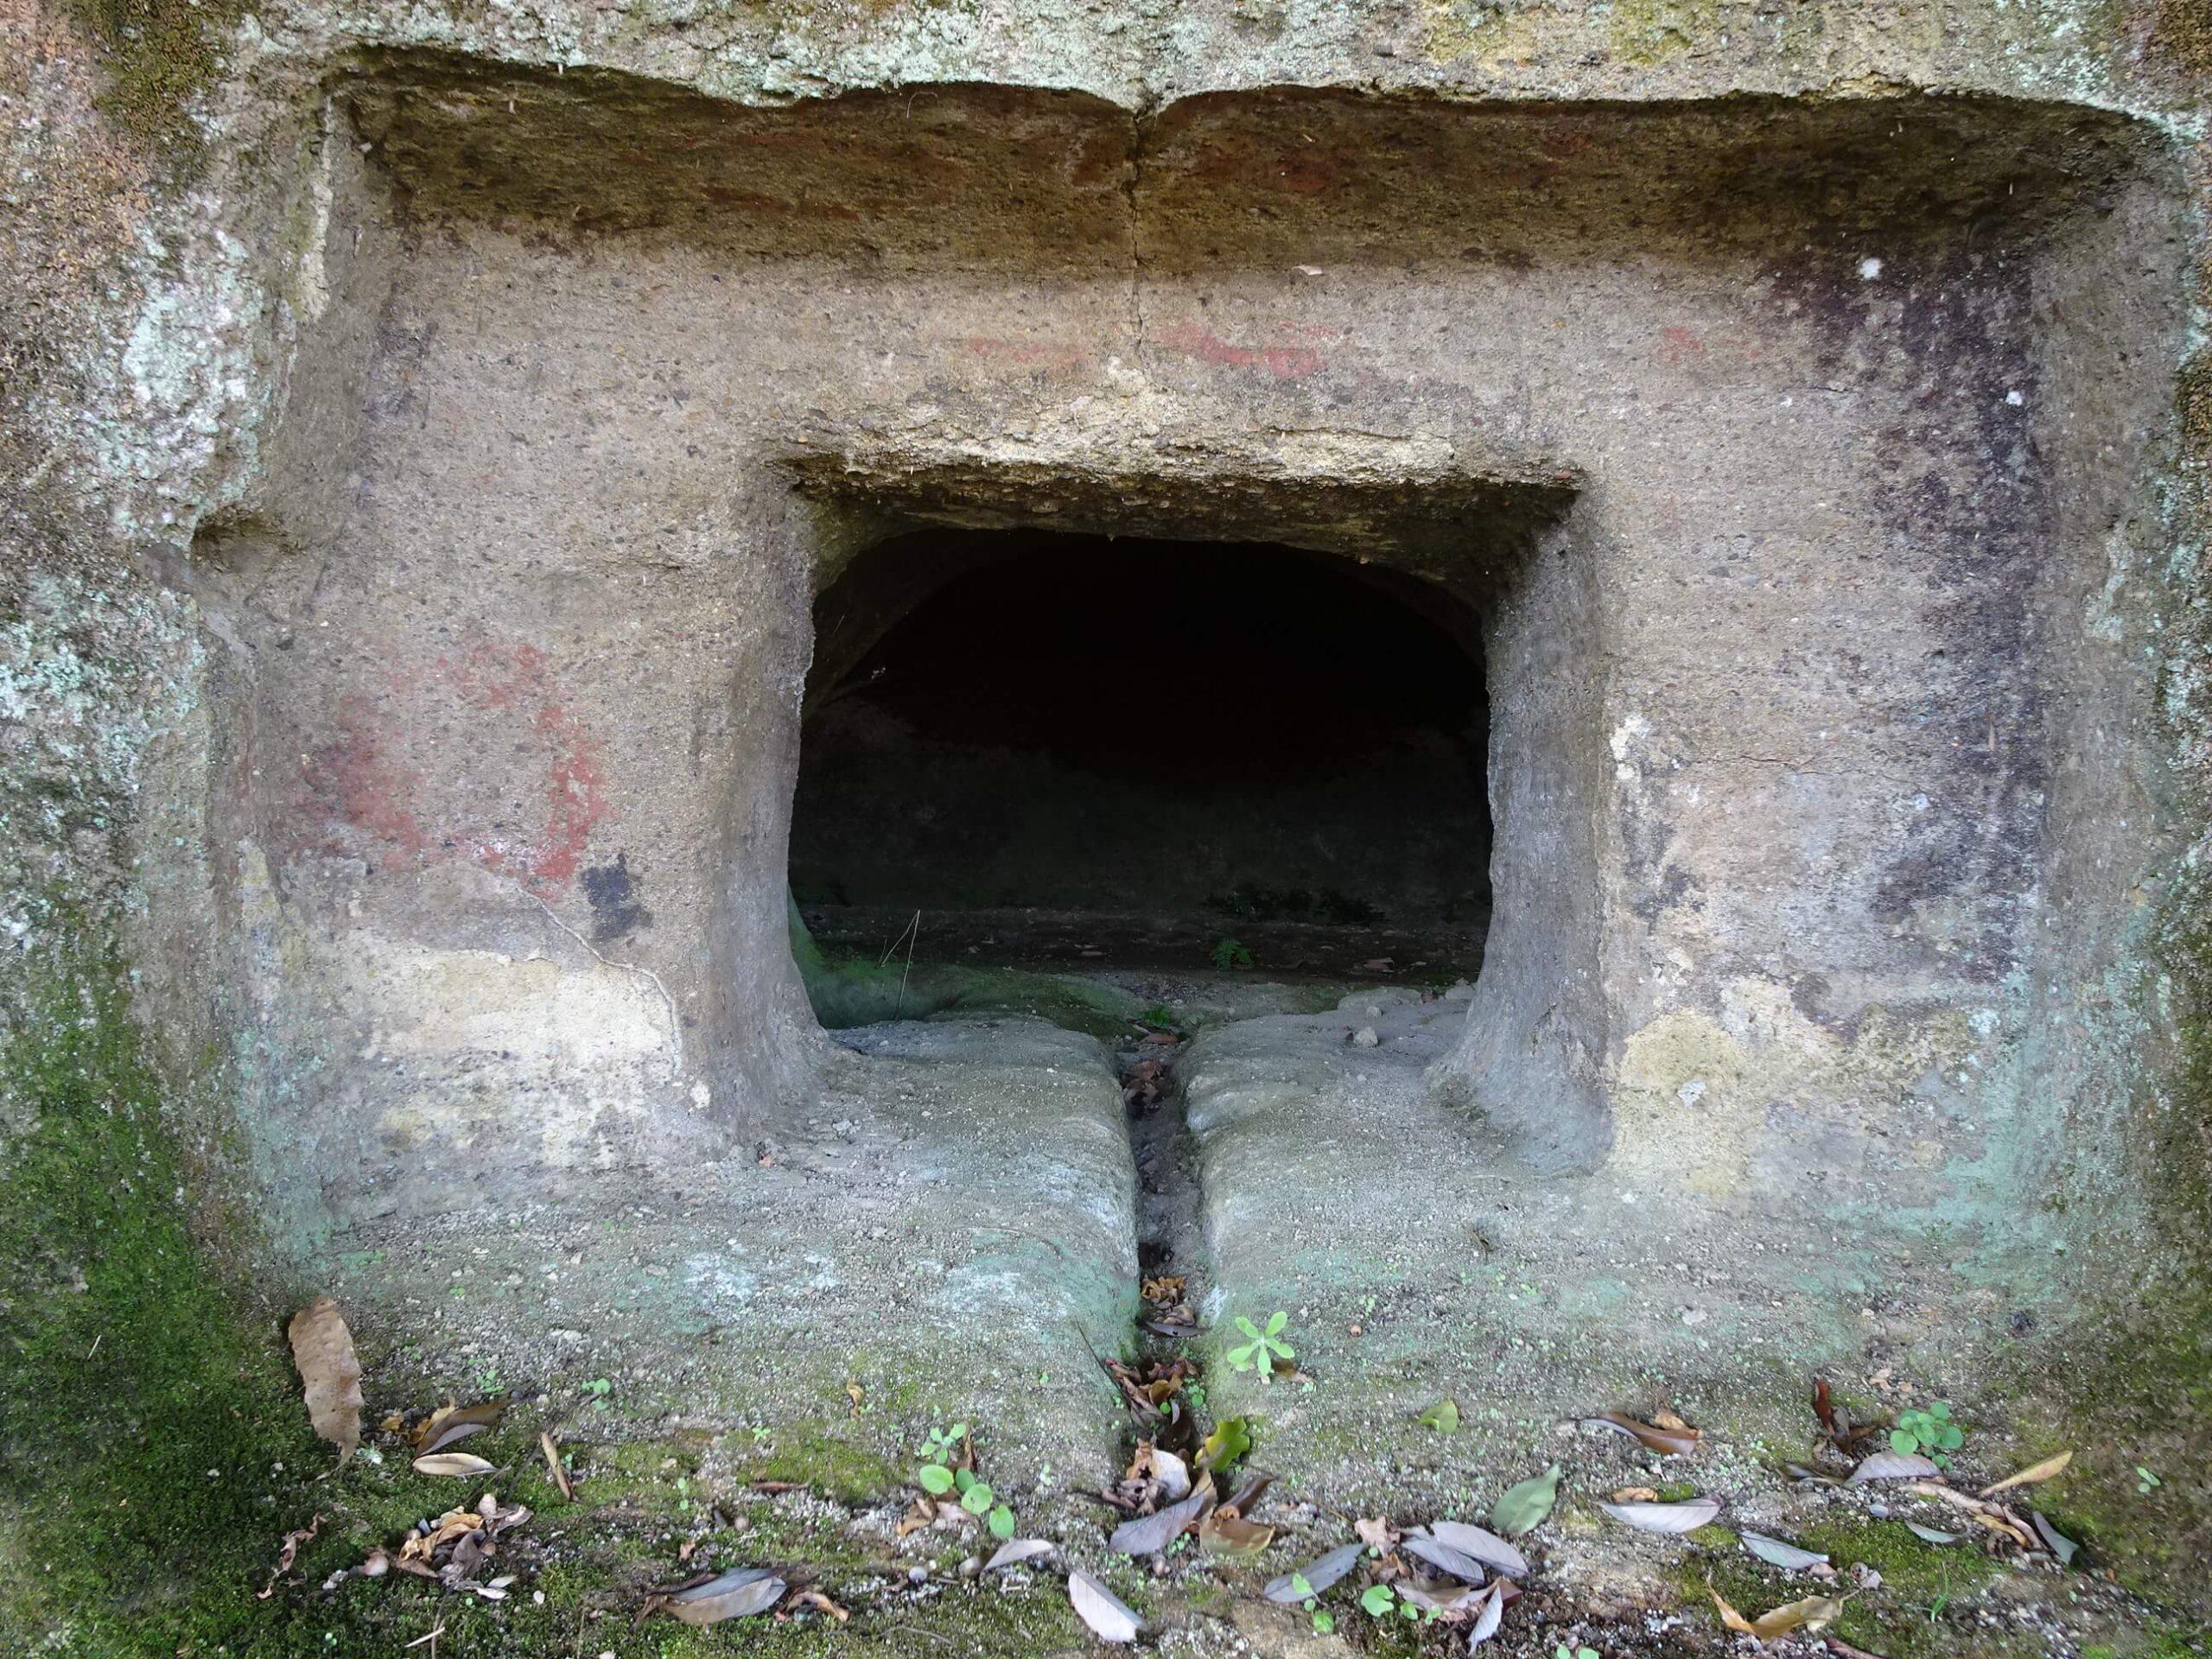 百留横穴墓群の中央にある穴は赤色(ベンガラ)の同心円文が